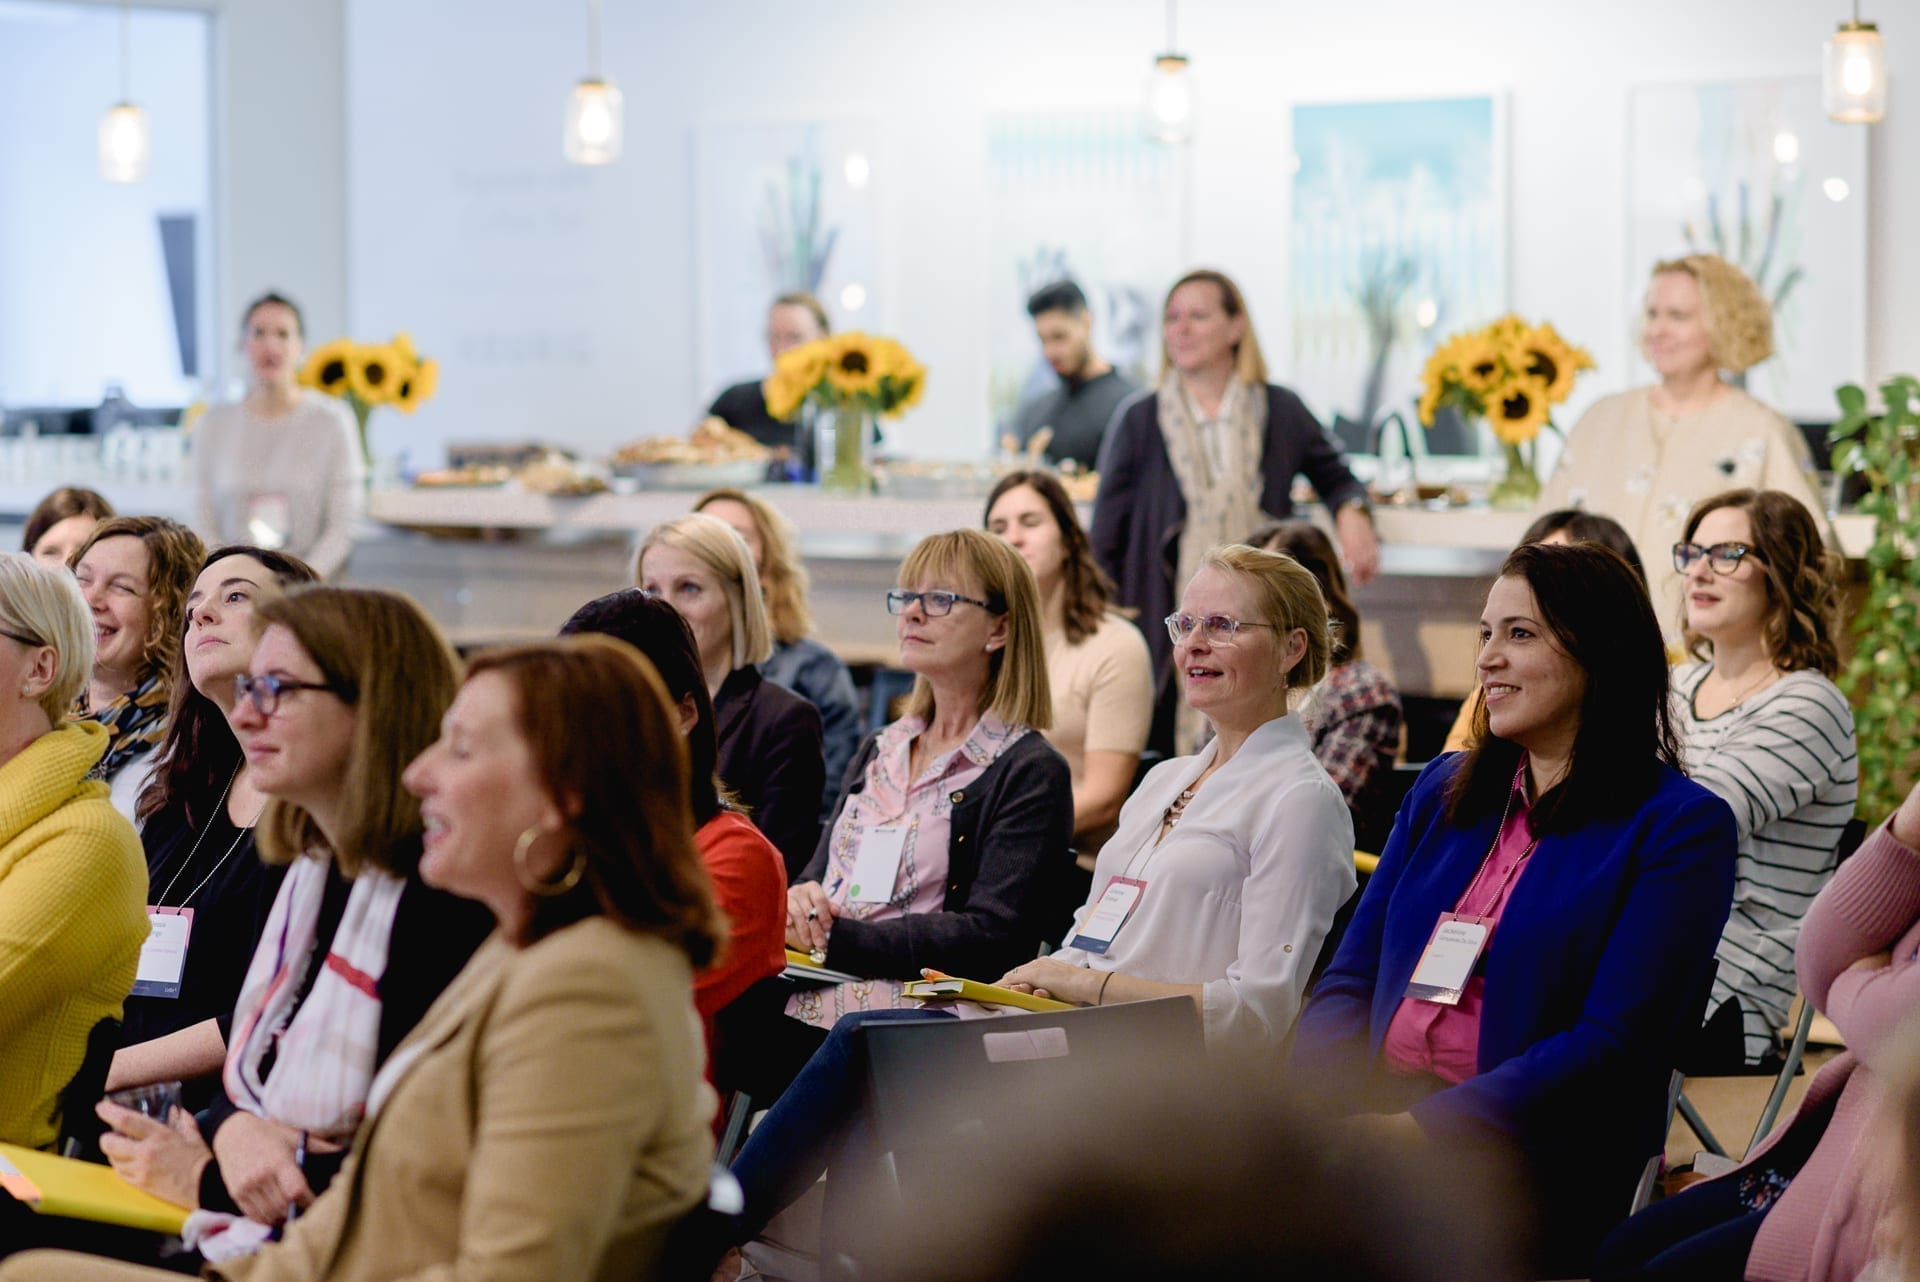 Femmes assises avec blocs notes à la main et écoutant l'orateur lors d'un évènement L'effet A.